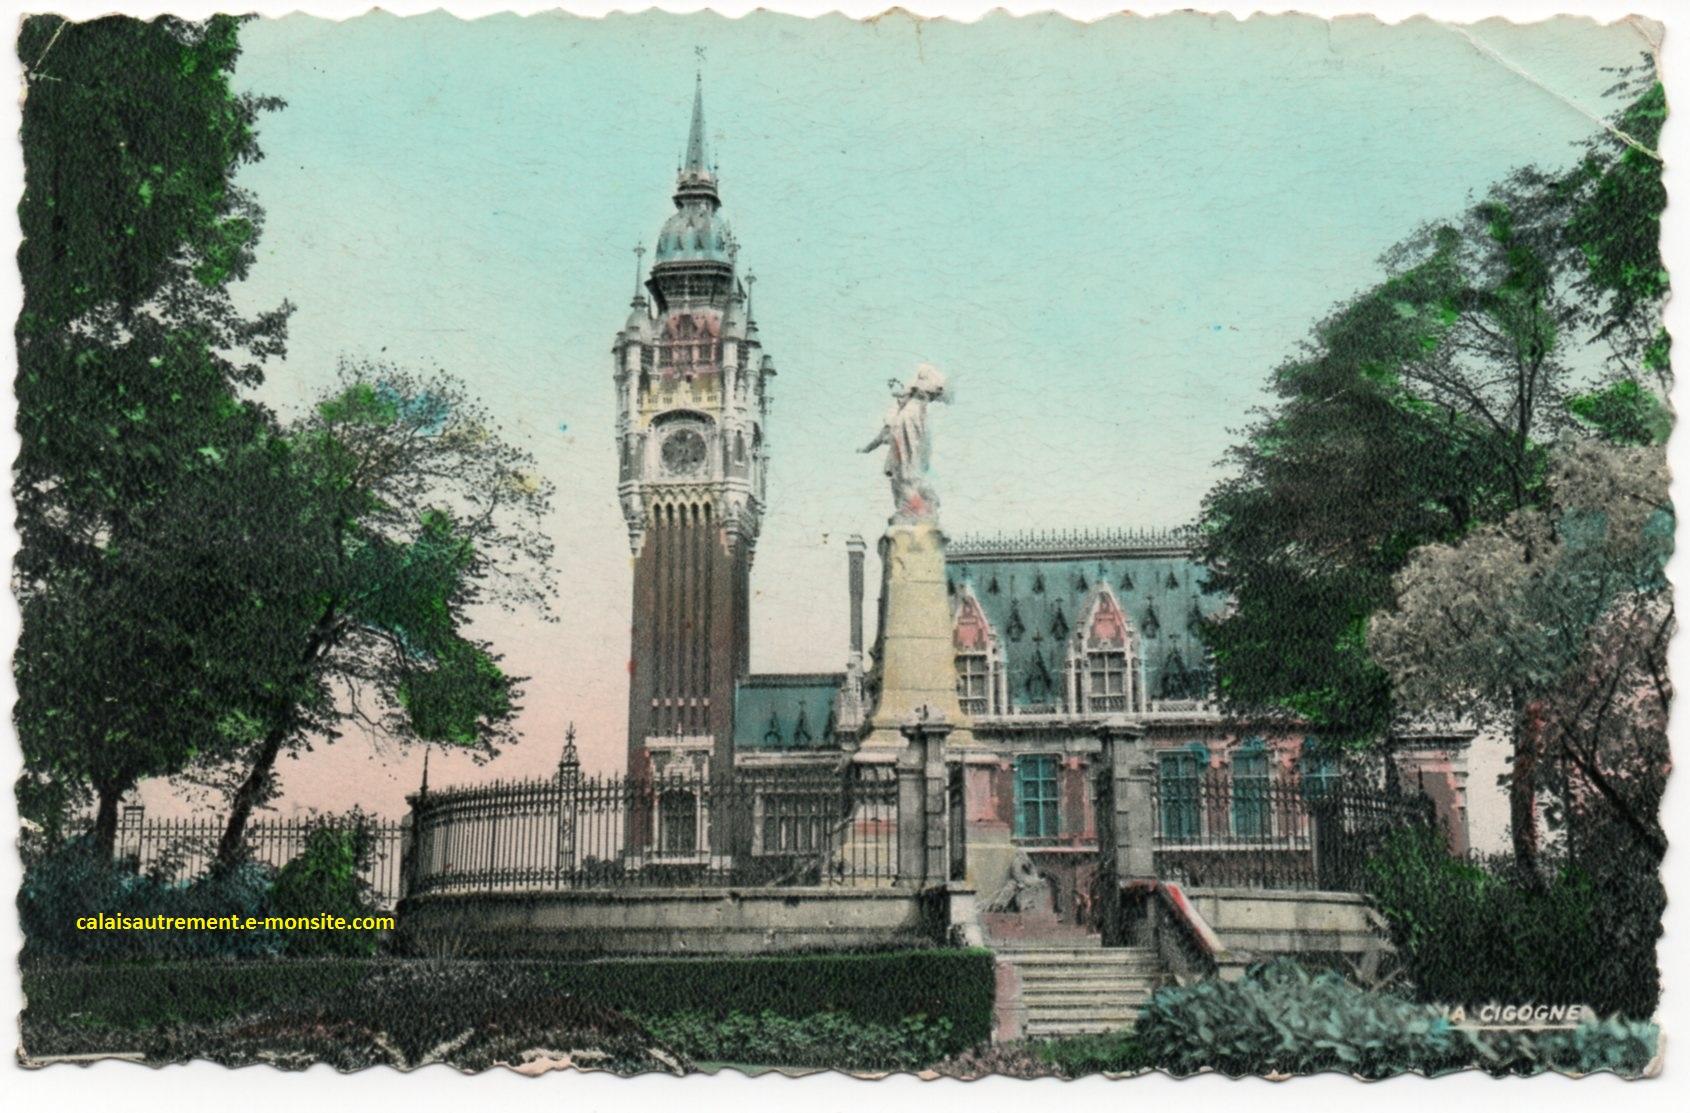 Rétro Hôtel de ville de Calais